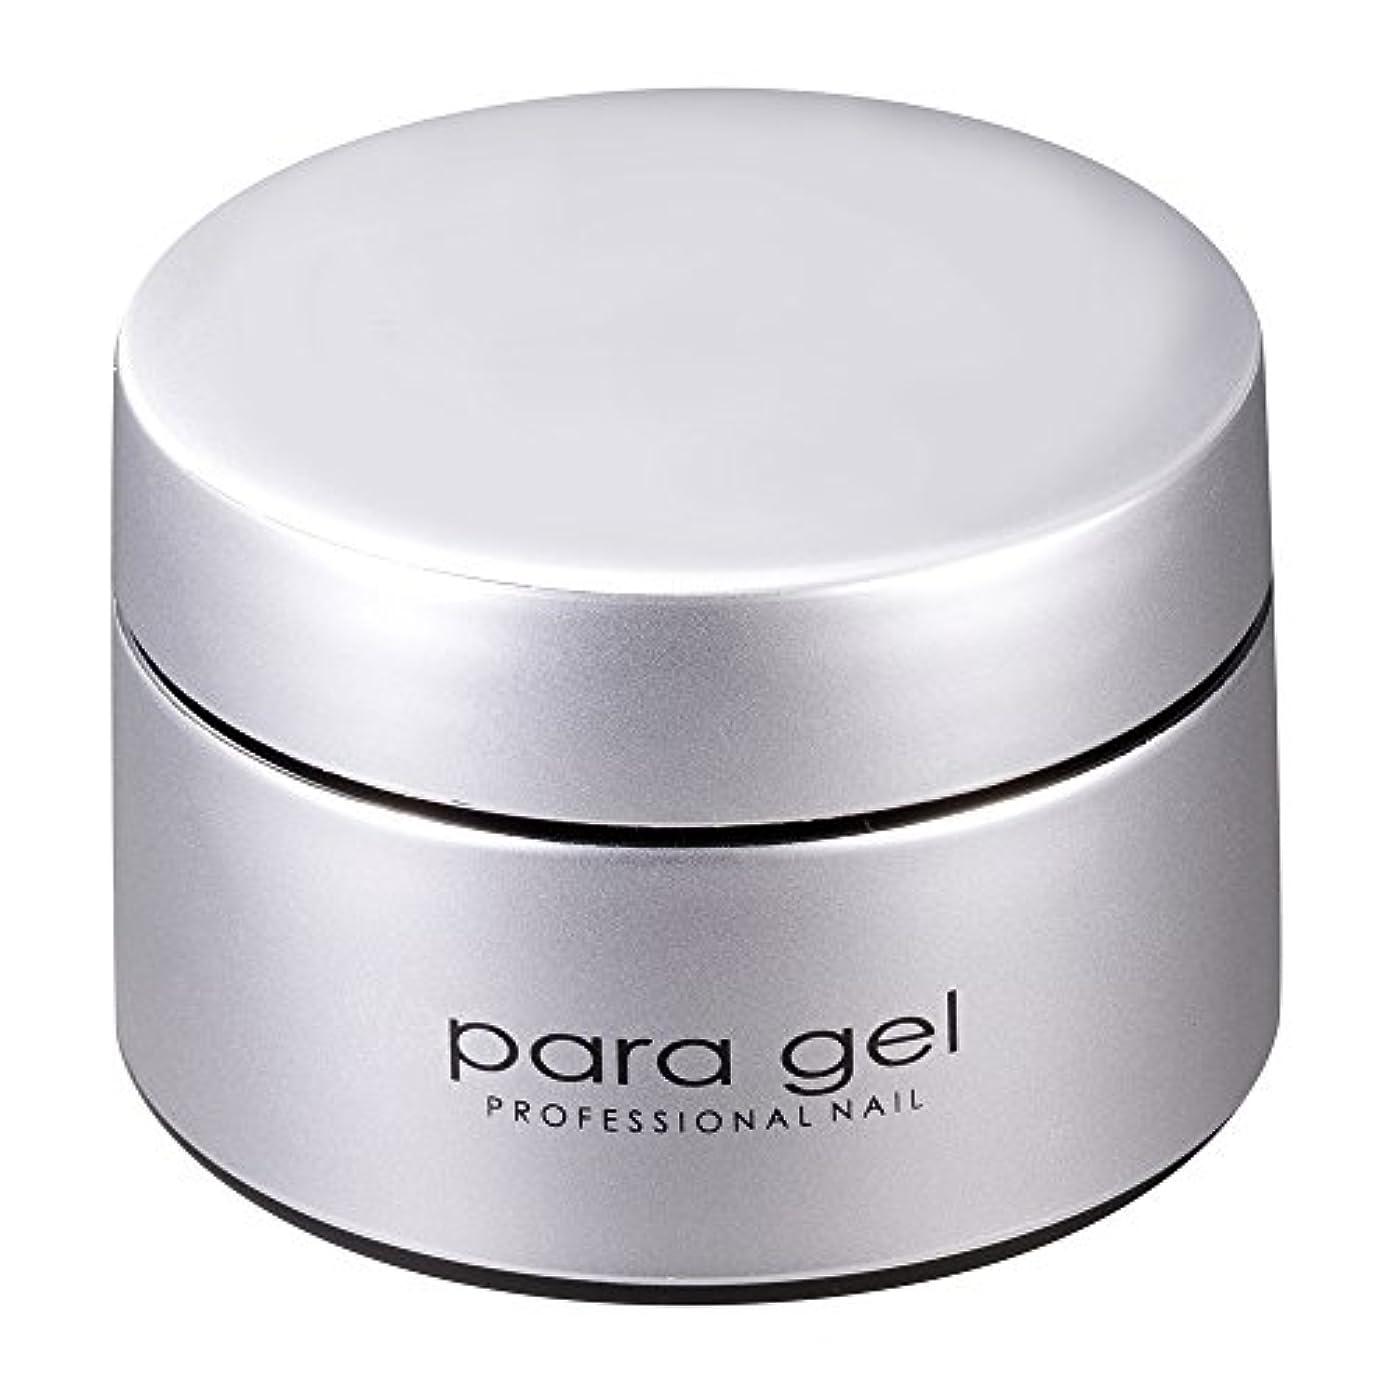 アトラス粘り強い性能para gel ファンデーションカラージェル F01 ミディアムピンク 2g